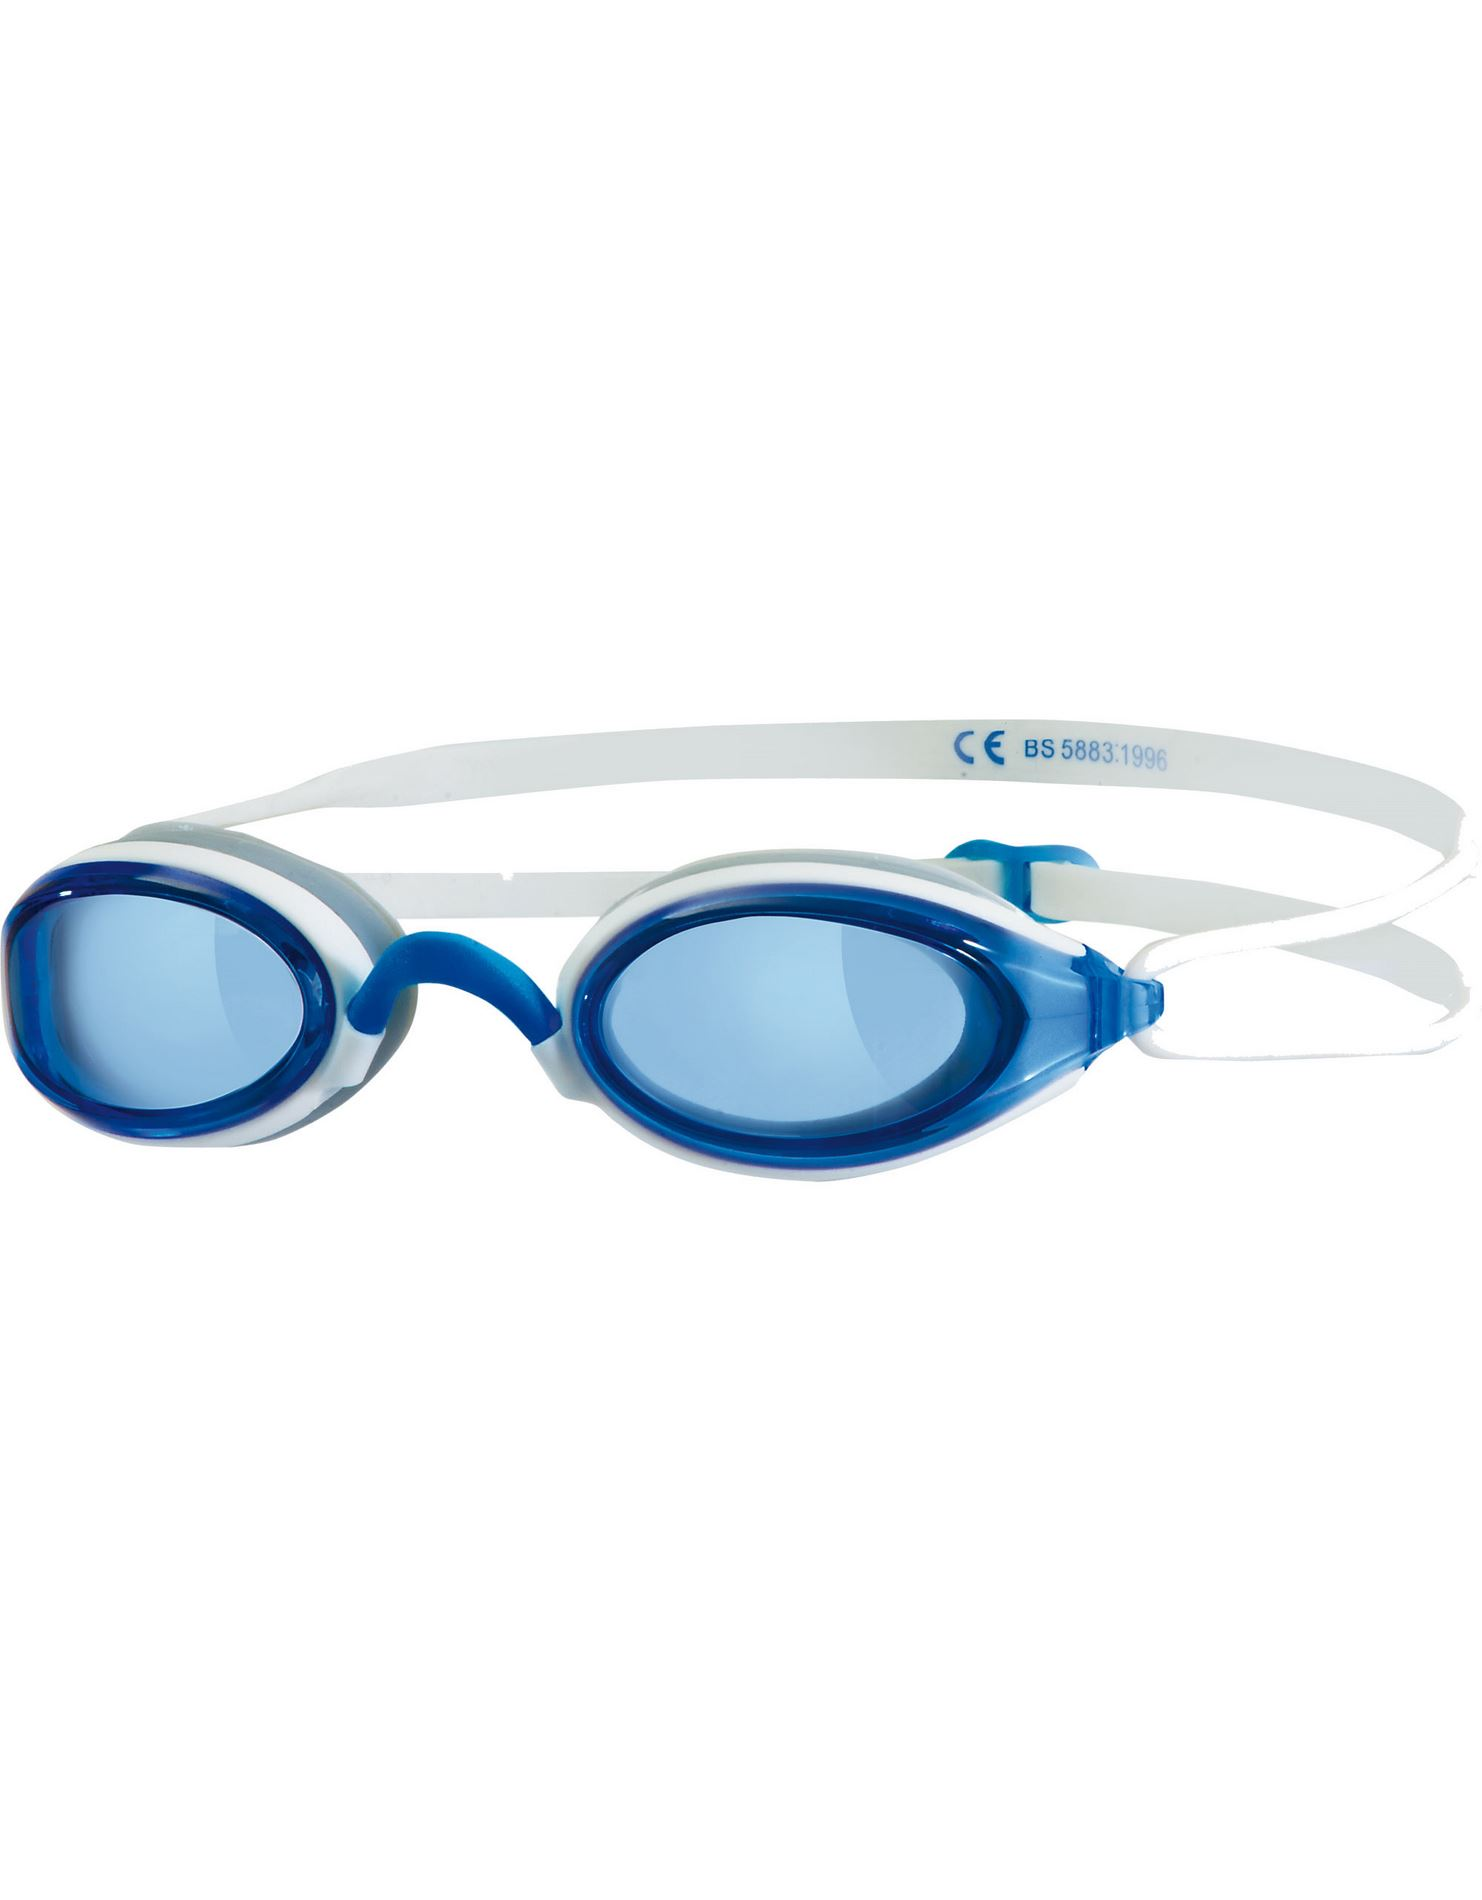 אביזרים זוגס לנשים Zoggs Fusion Air - כחול/לבן